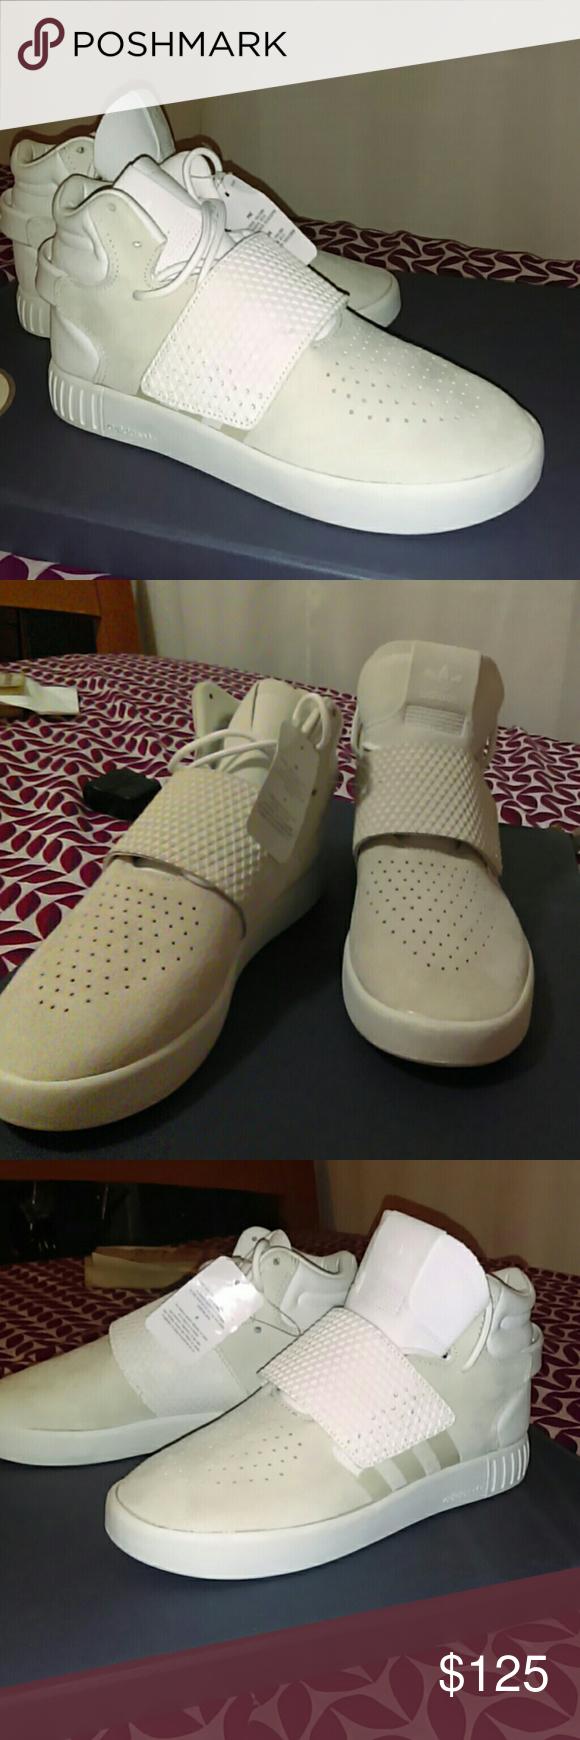 scarpe adidas tubulare tubolari scarpe adidas donne e le adidas